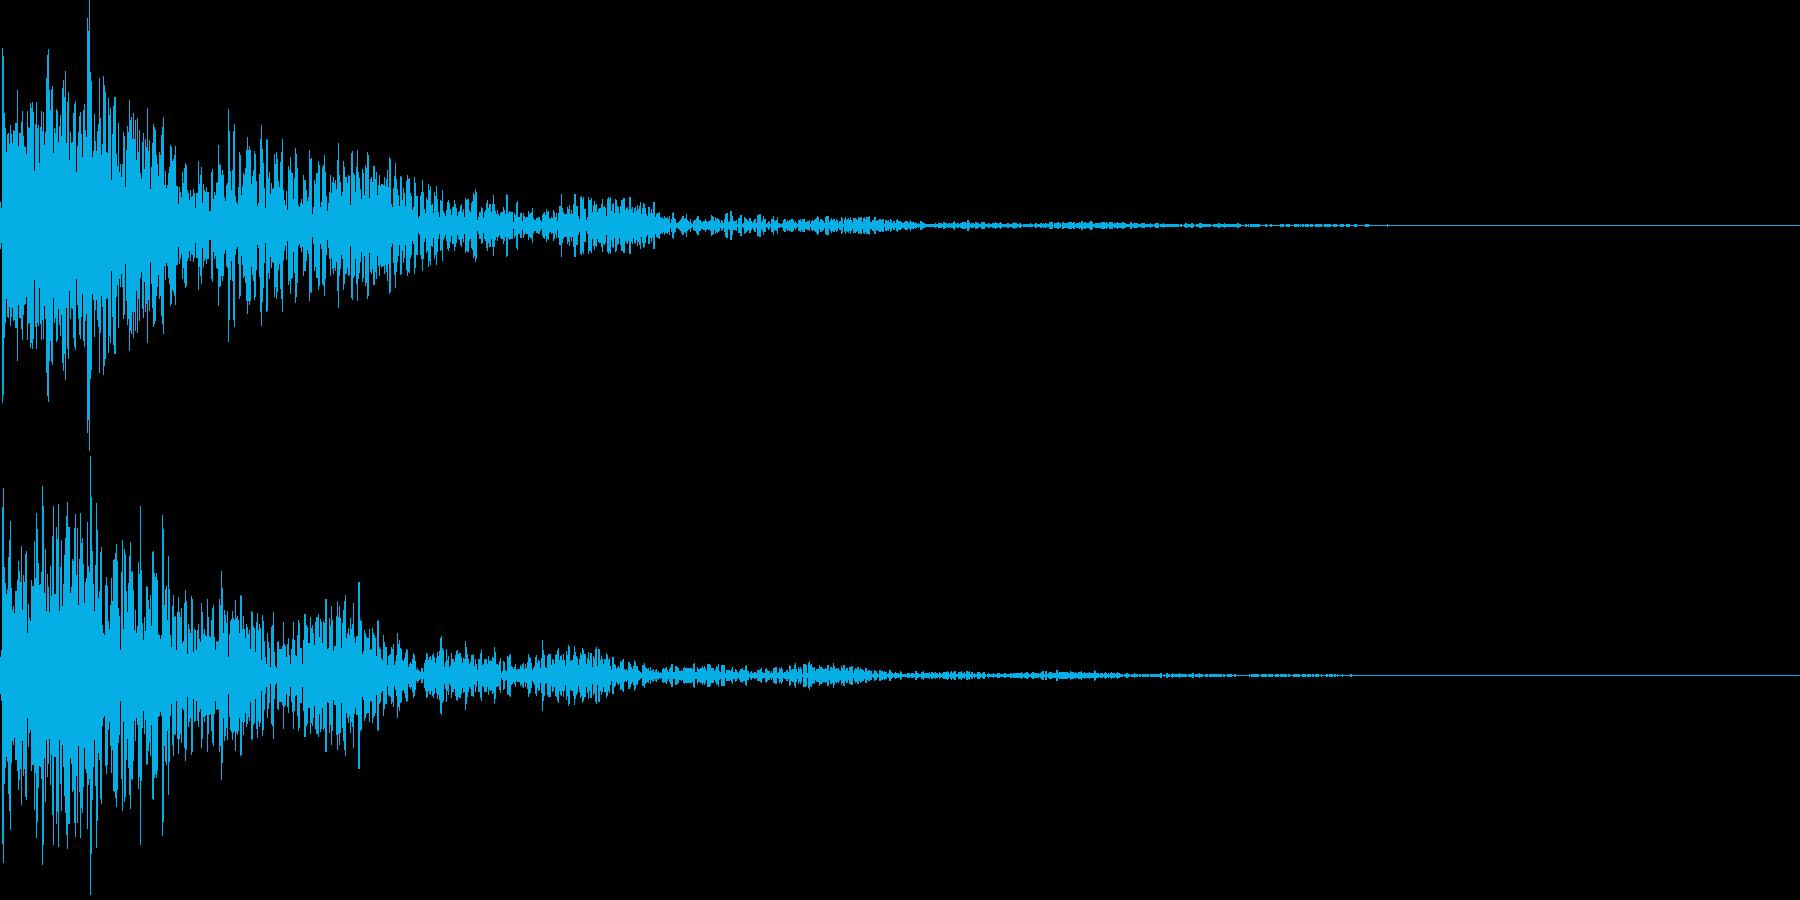 太鼓と三味線の和風インパクトジングル!7の再生済みの波形